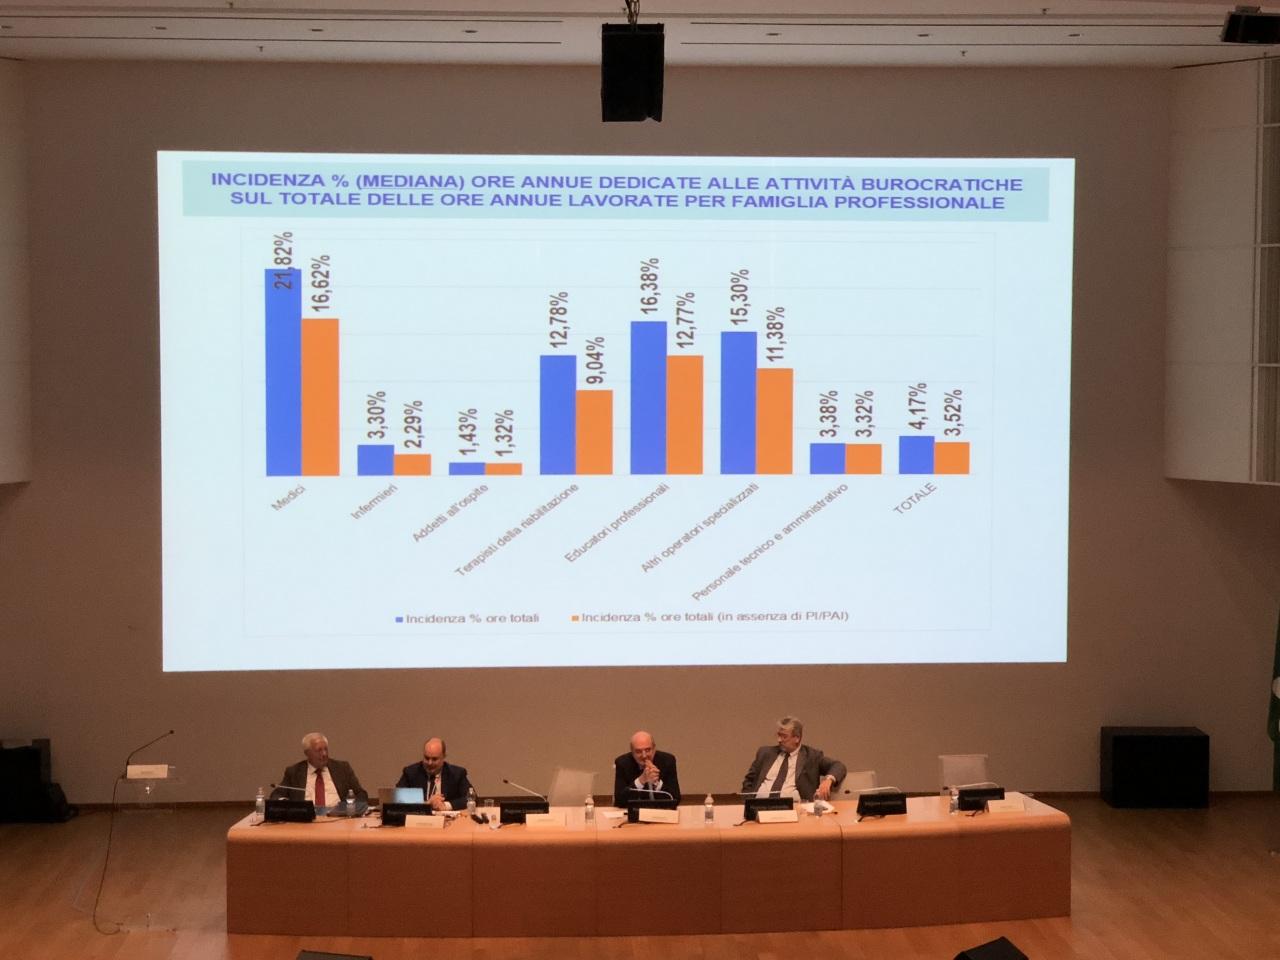 Migliorare la burocrazia per migliorare le cure agli anziani: l'eccellenza lombarda al centro del confronto fra addetti ai lavori